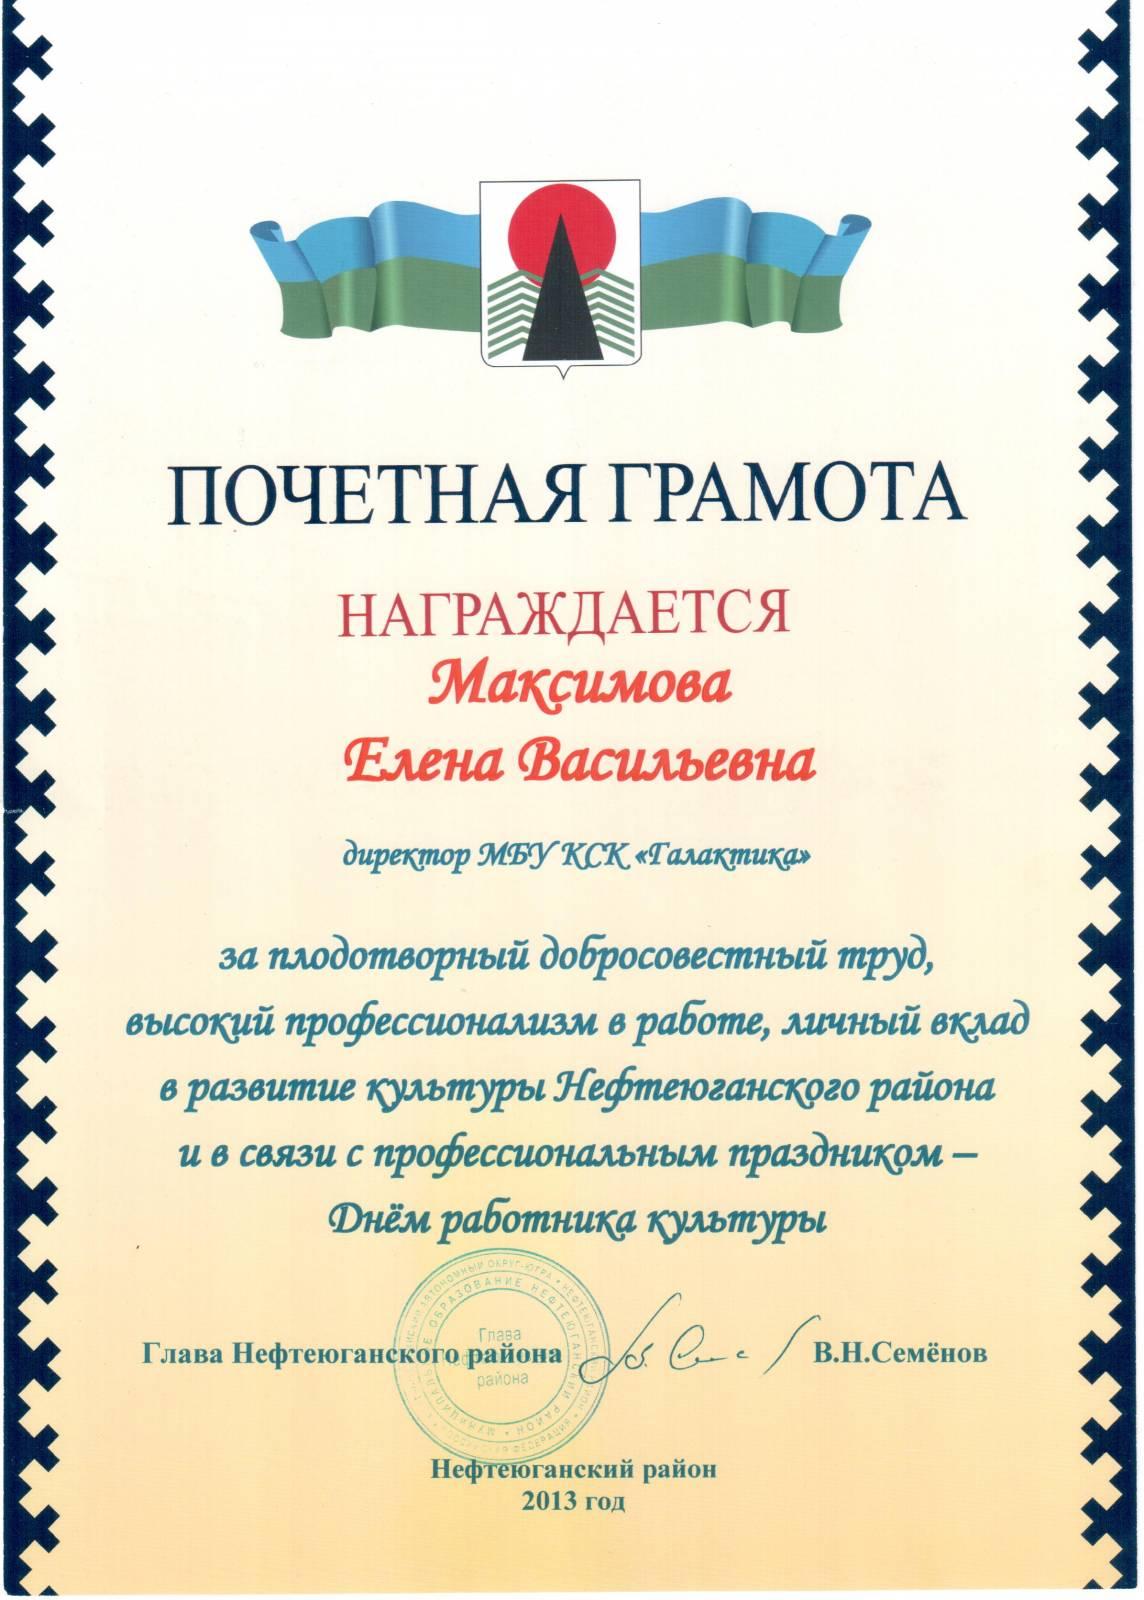 Поздравление главы почетному